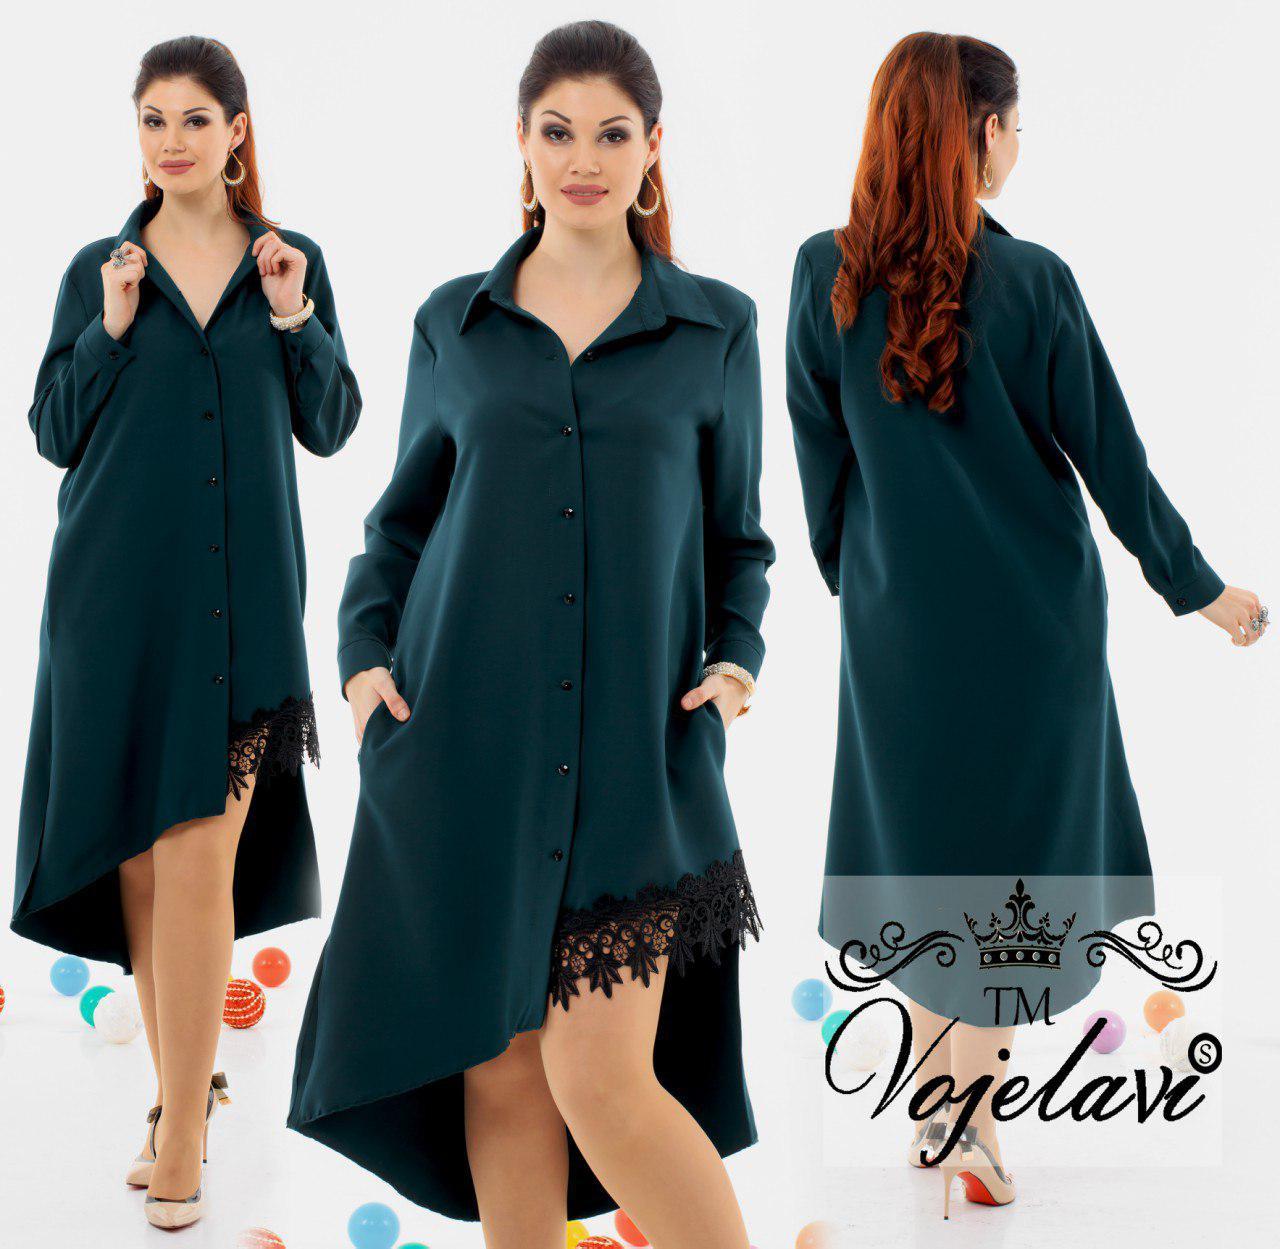 609f76d8996 Длинное элегантное женское платье рубашка с кружевом A1093 оптом и в ...